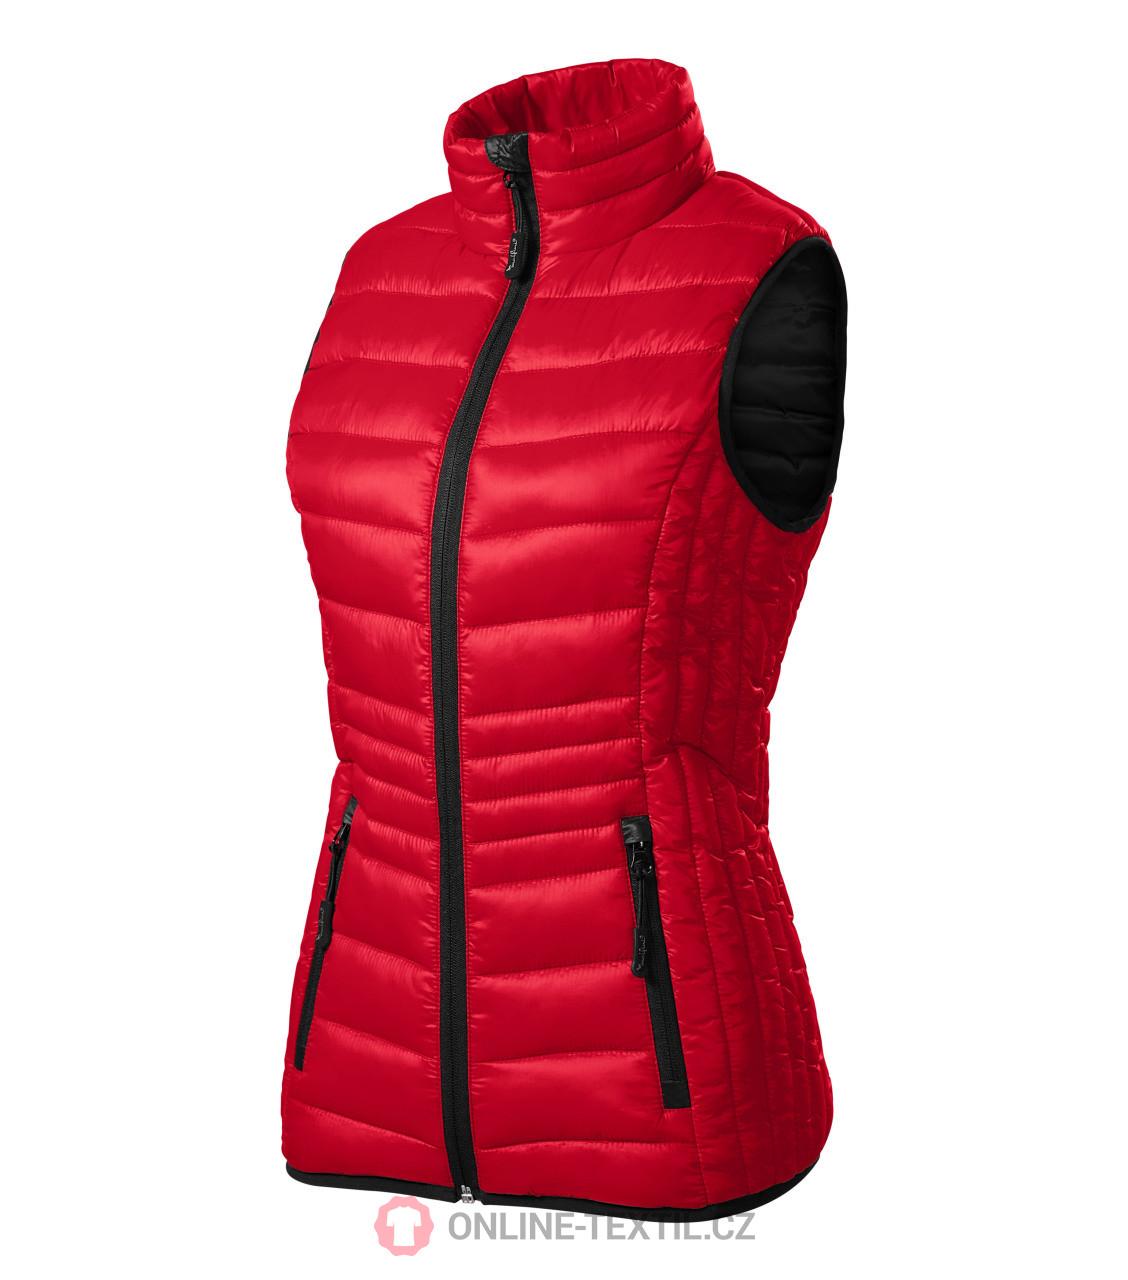 75a527d28 ADLER CZECH Prémiová dámska prešívaná vesta Everest 554 - formula ...